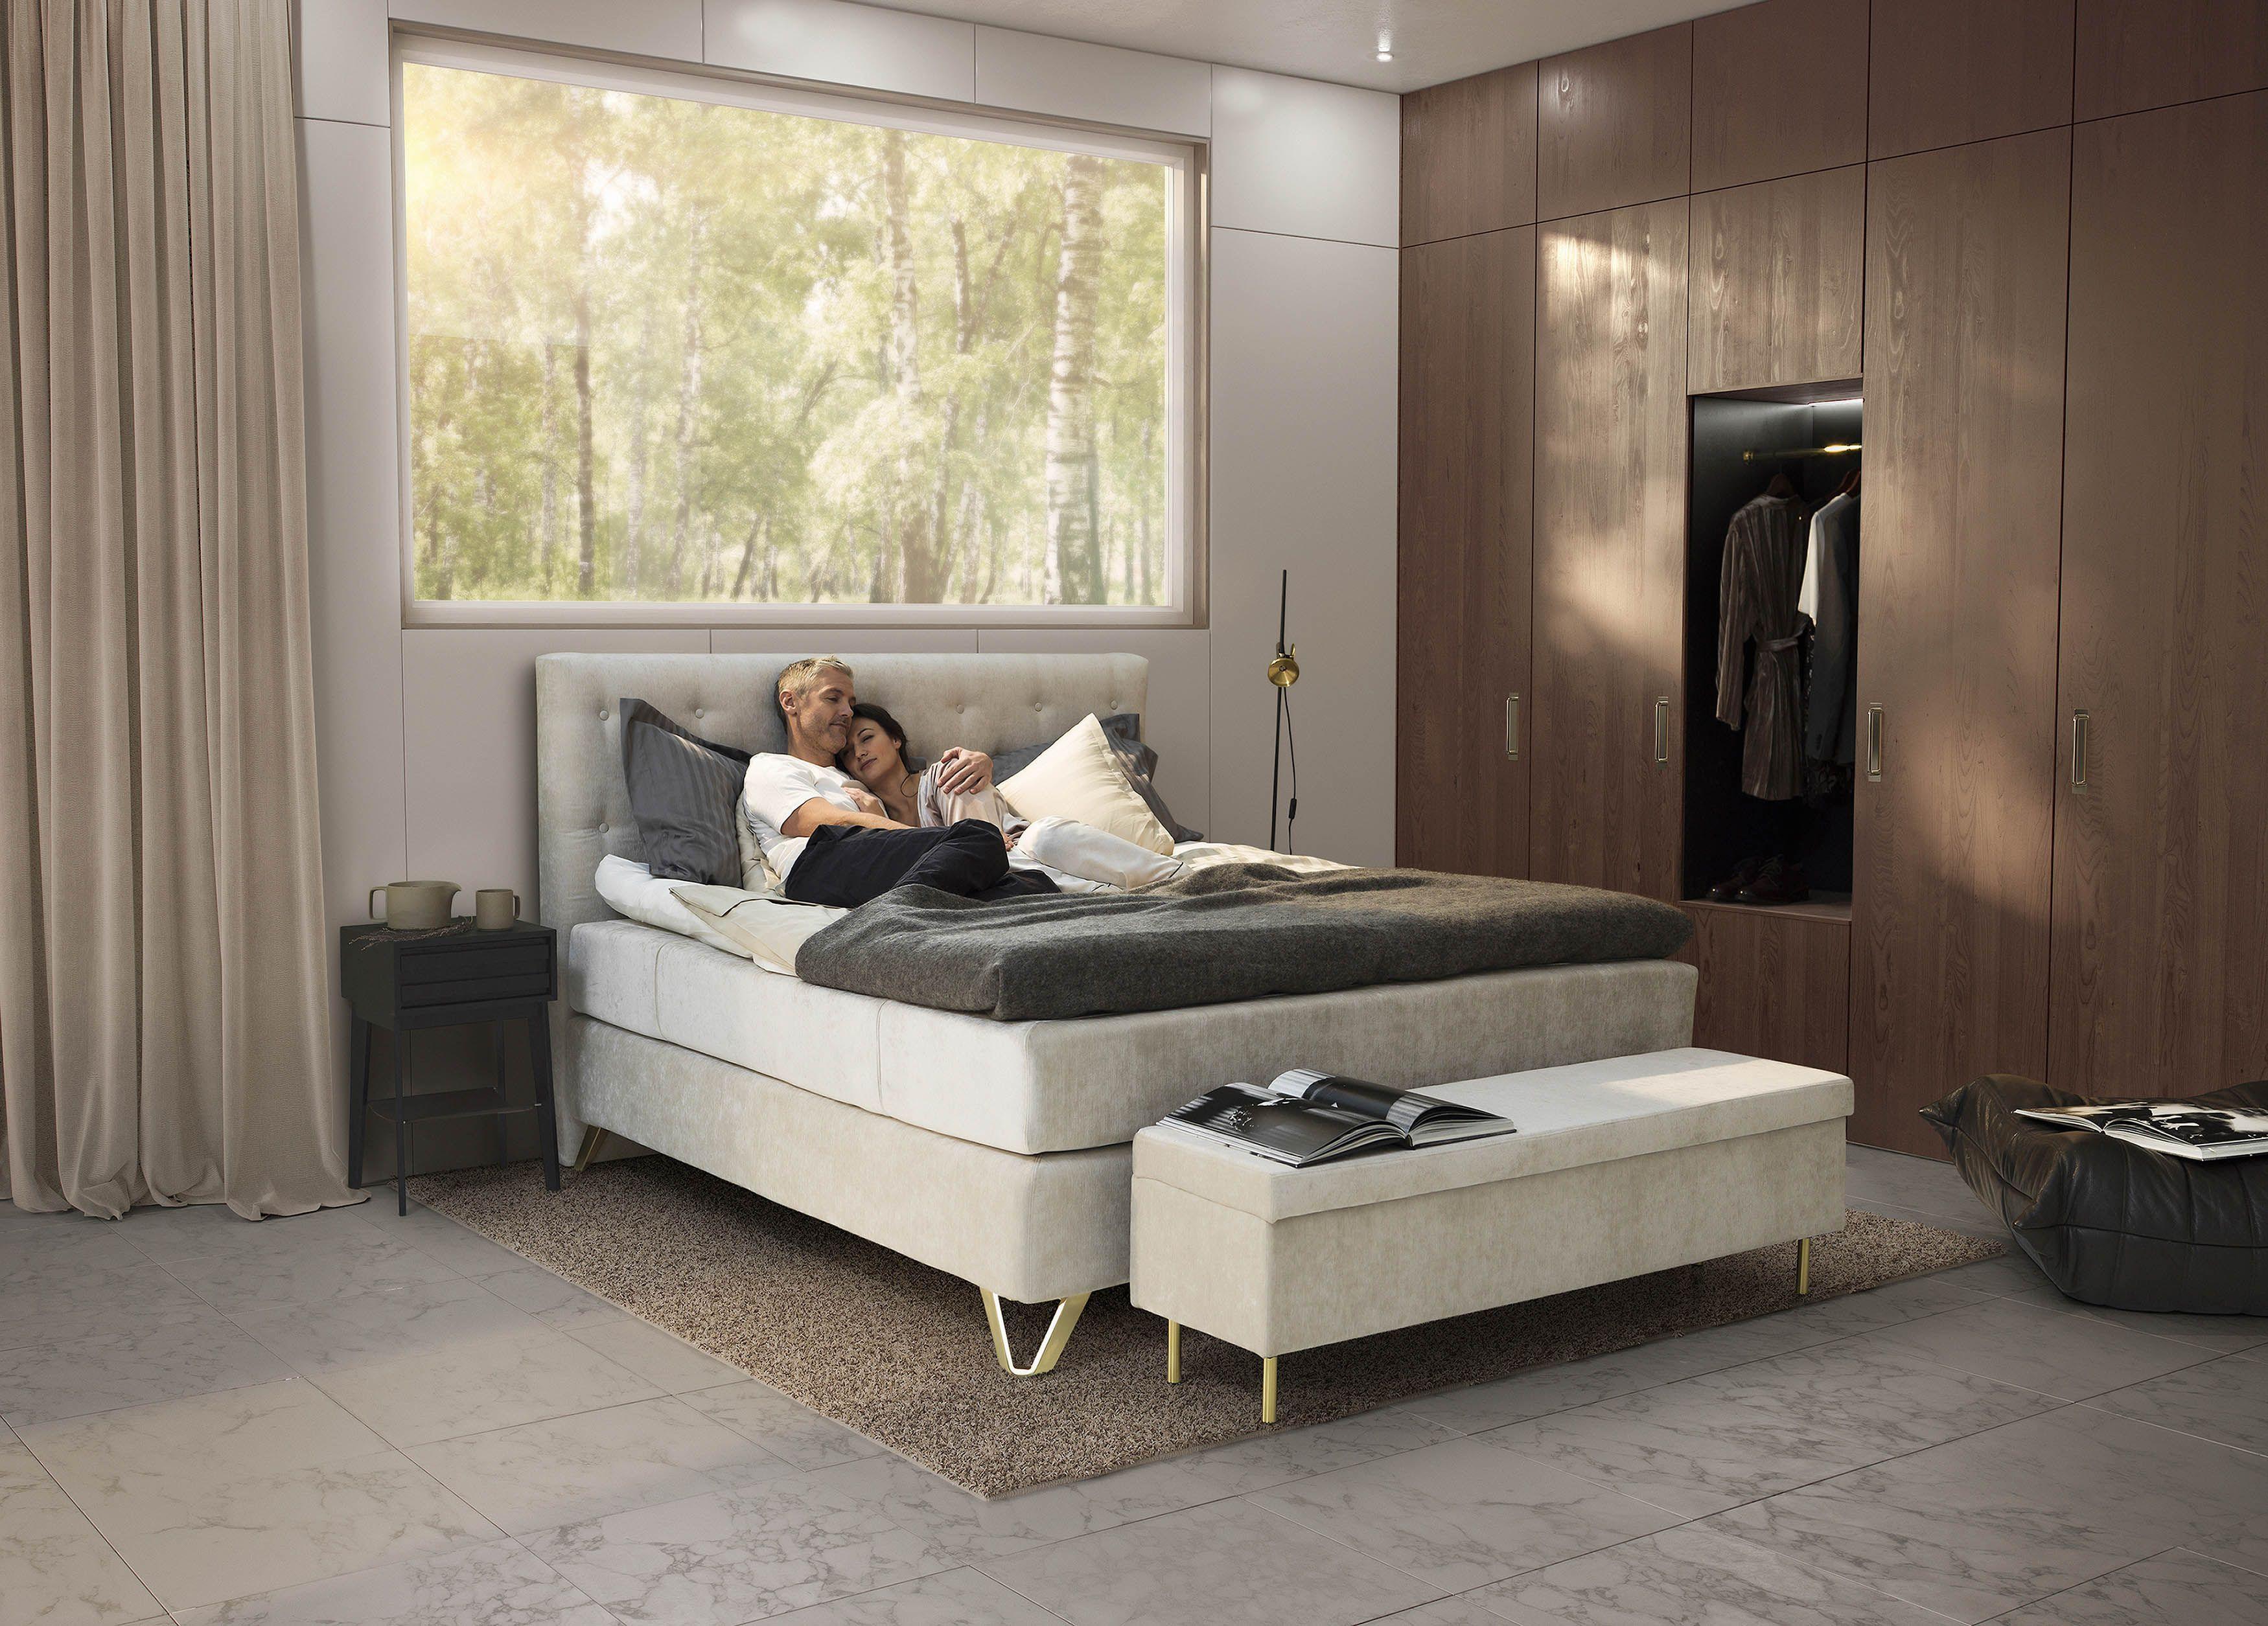 Jensen Betten Bei Schlafkultur Lang Jensen Betten Bett Zimmer